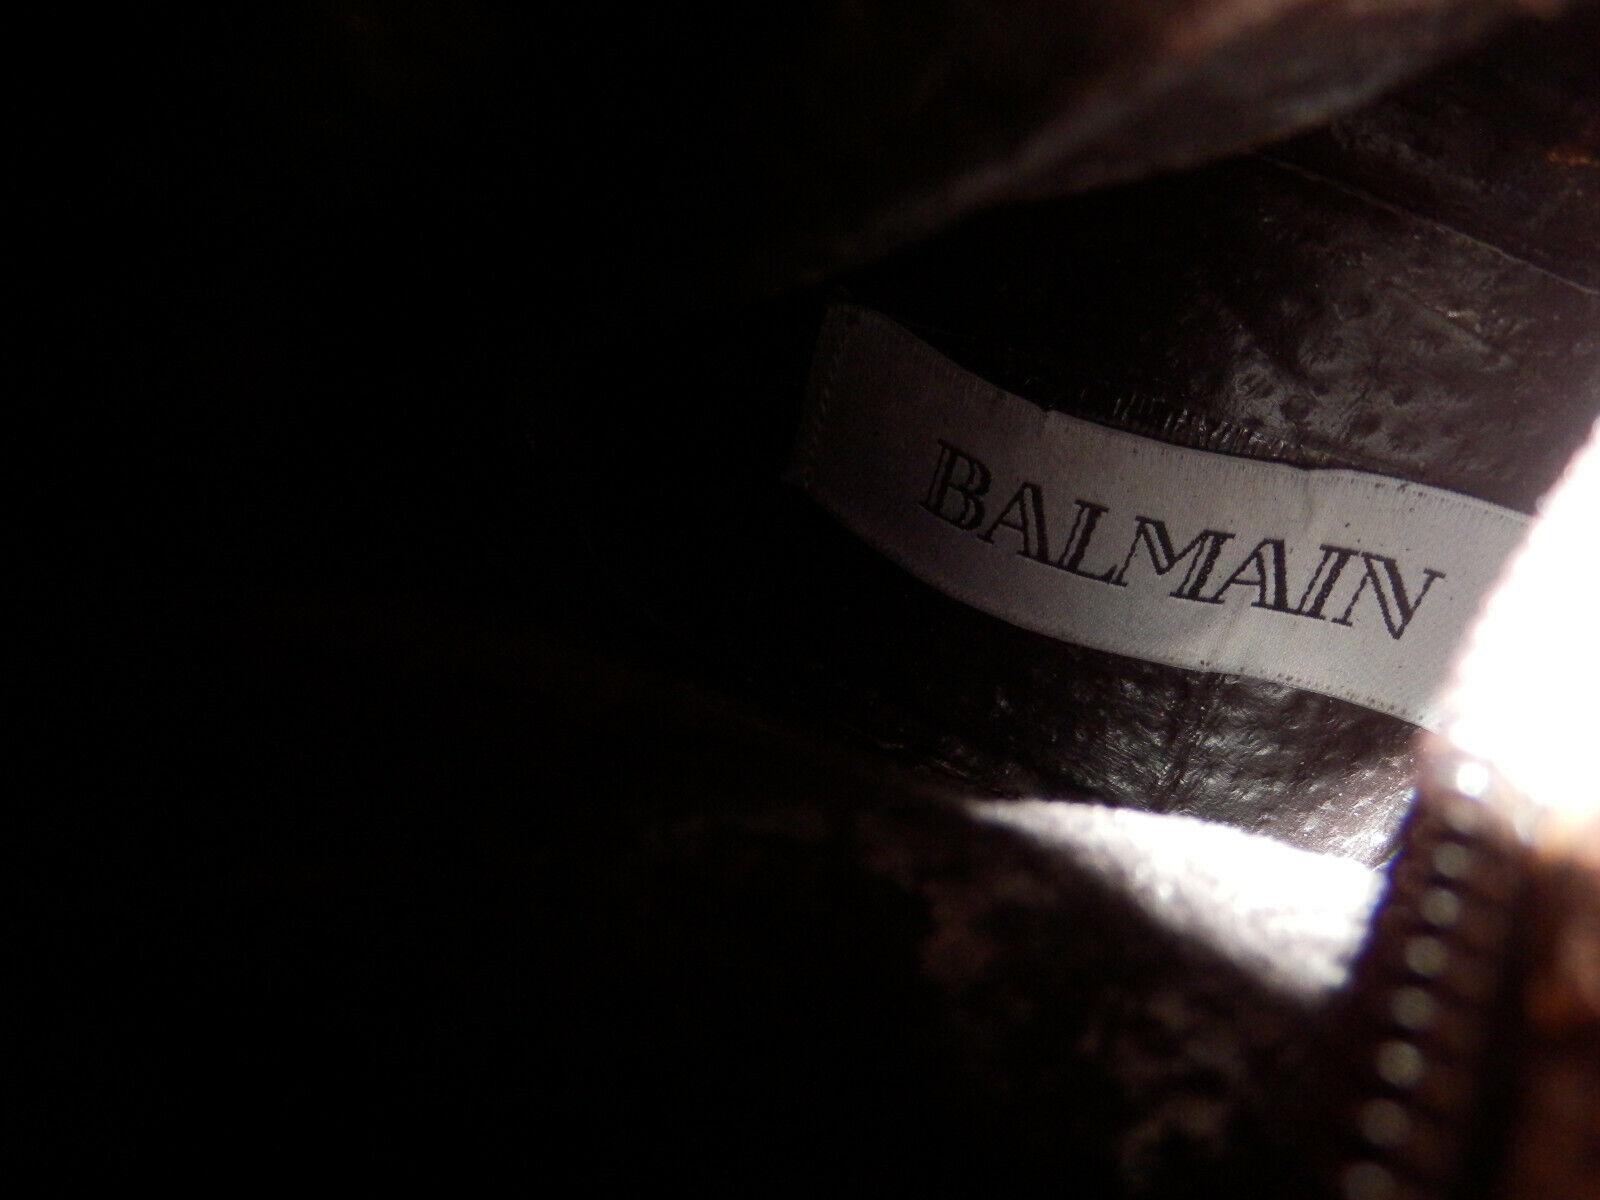 BALMAIN - BOTTES - CUIR CUIR CUIR  - POINTURE 37 - brown - AUTHENTIQUE 048a1b